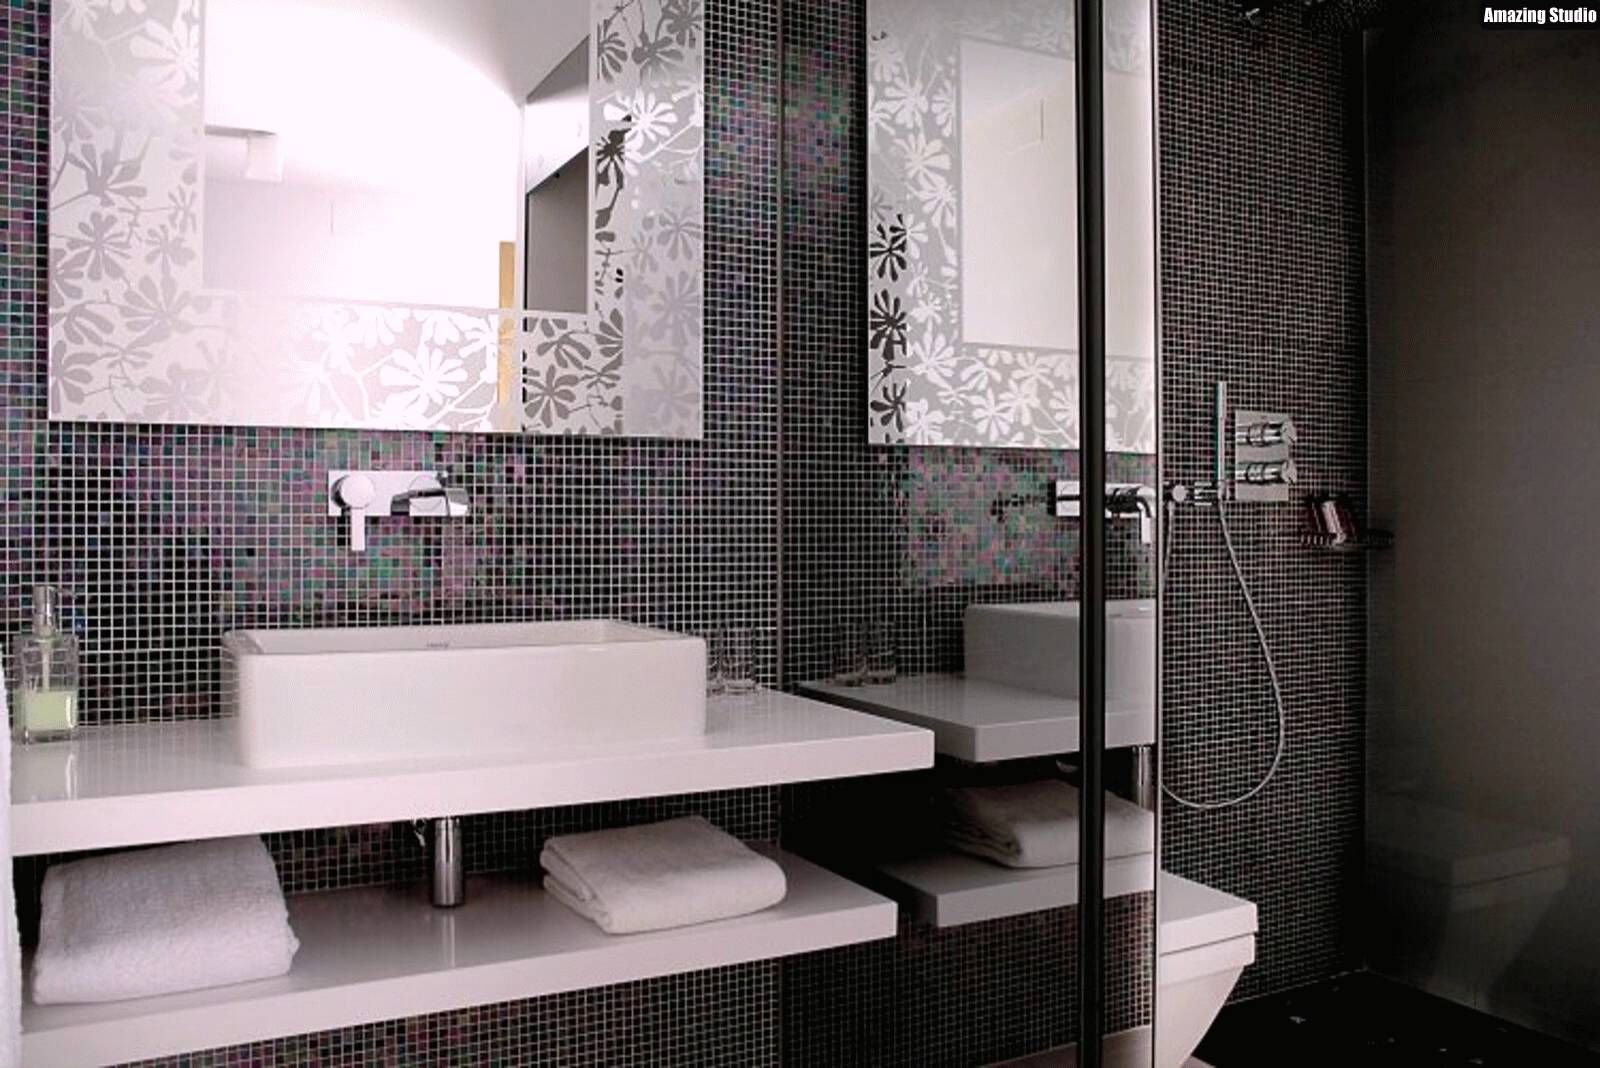 Badezimmer design weiß fliesen related keywords amp suggestions fliesen long tail